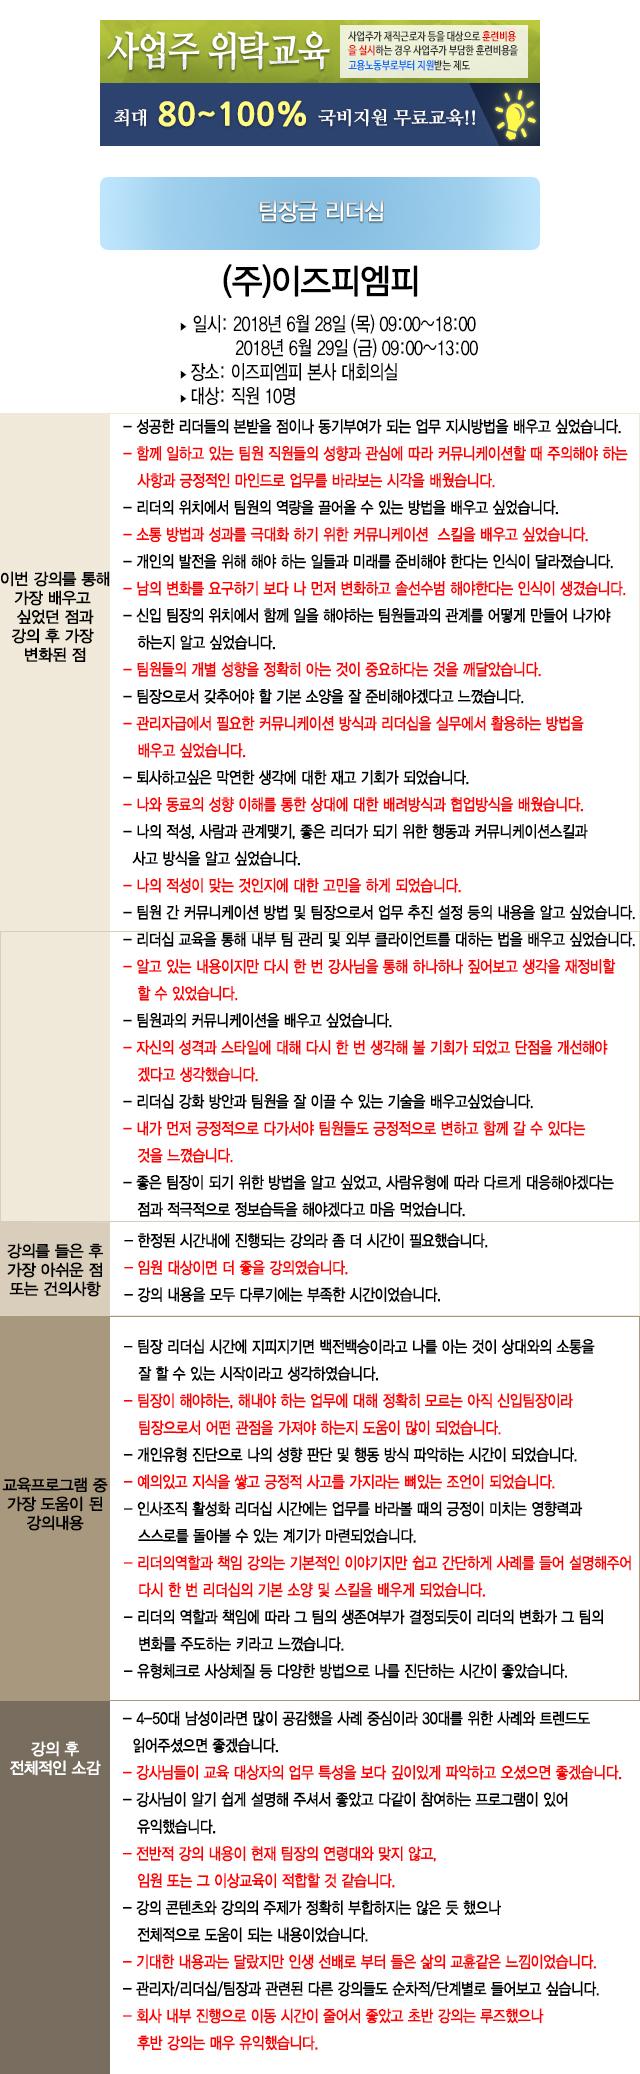 한국중앙인재개발원 후기 이즈피엠피.jpg